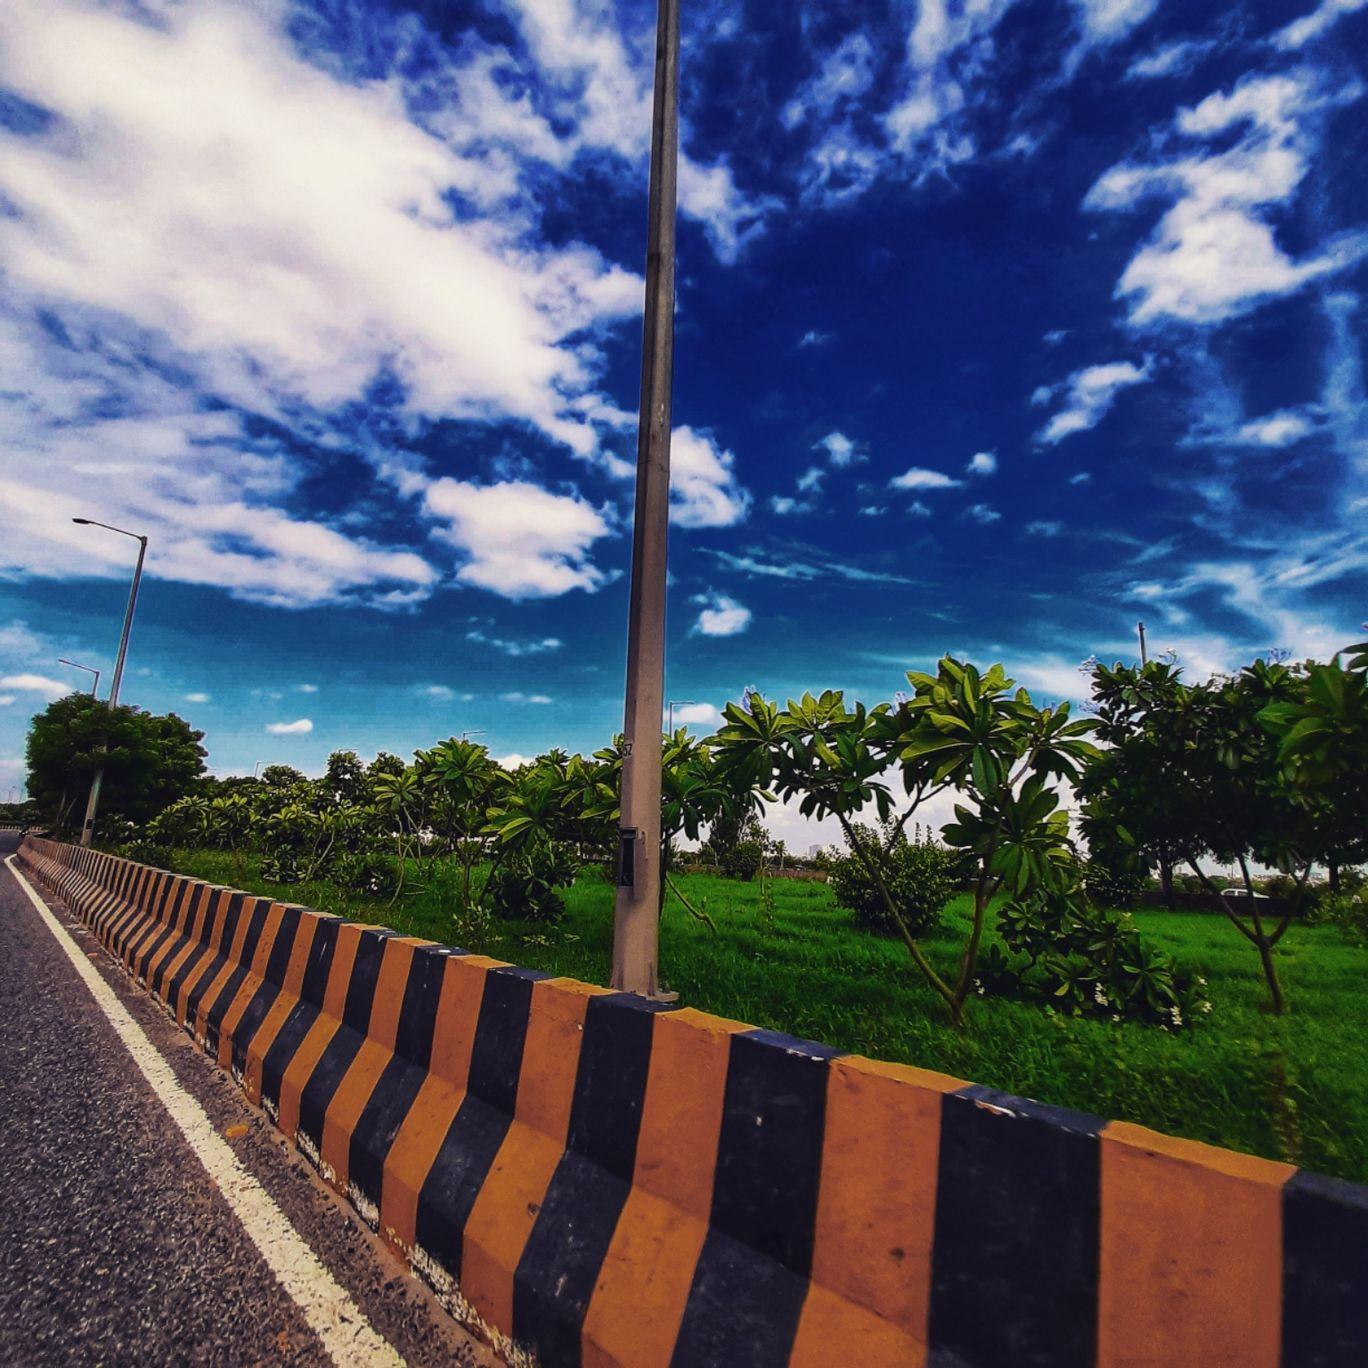 Photo of Greater Noida By Nomadic mourish